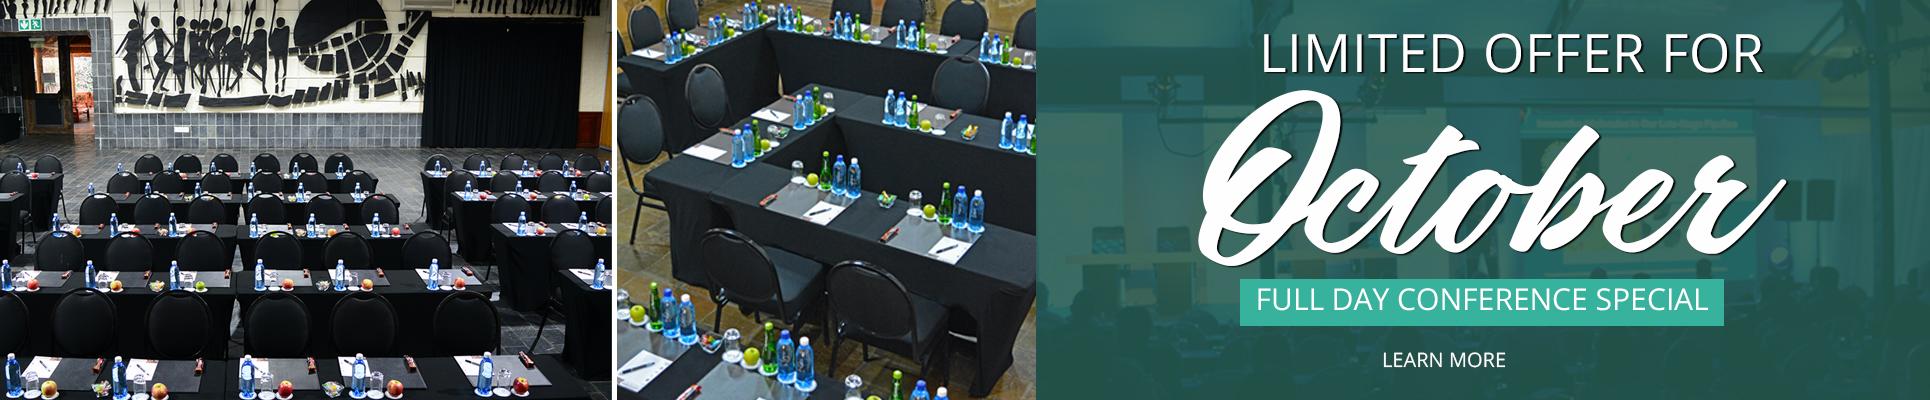 Misty Hills October Conference Specials in Muldersdrift Gauteng